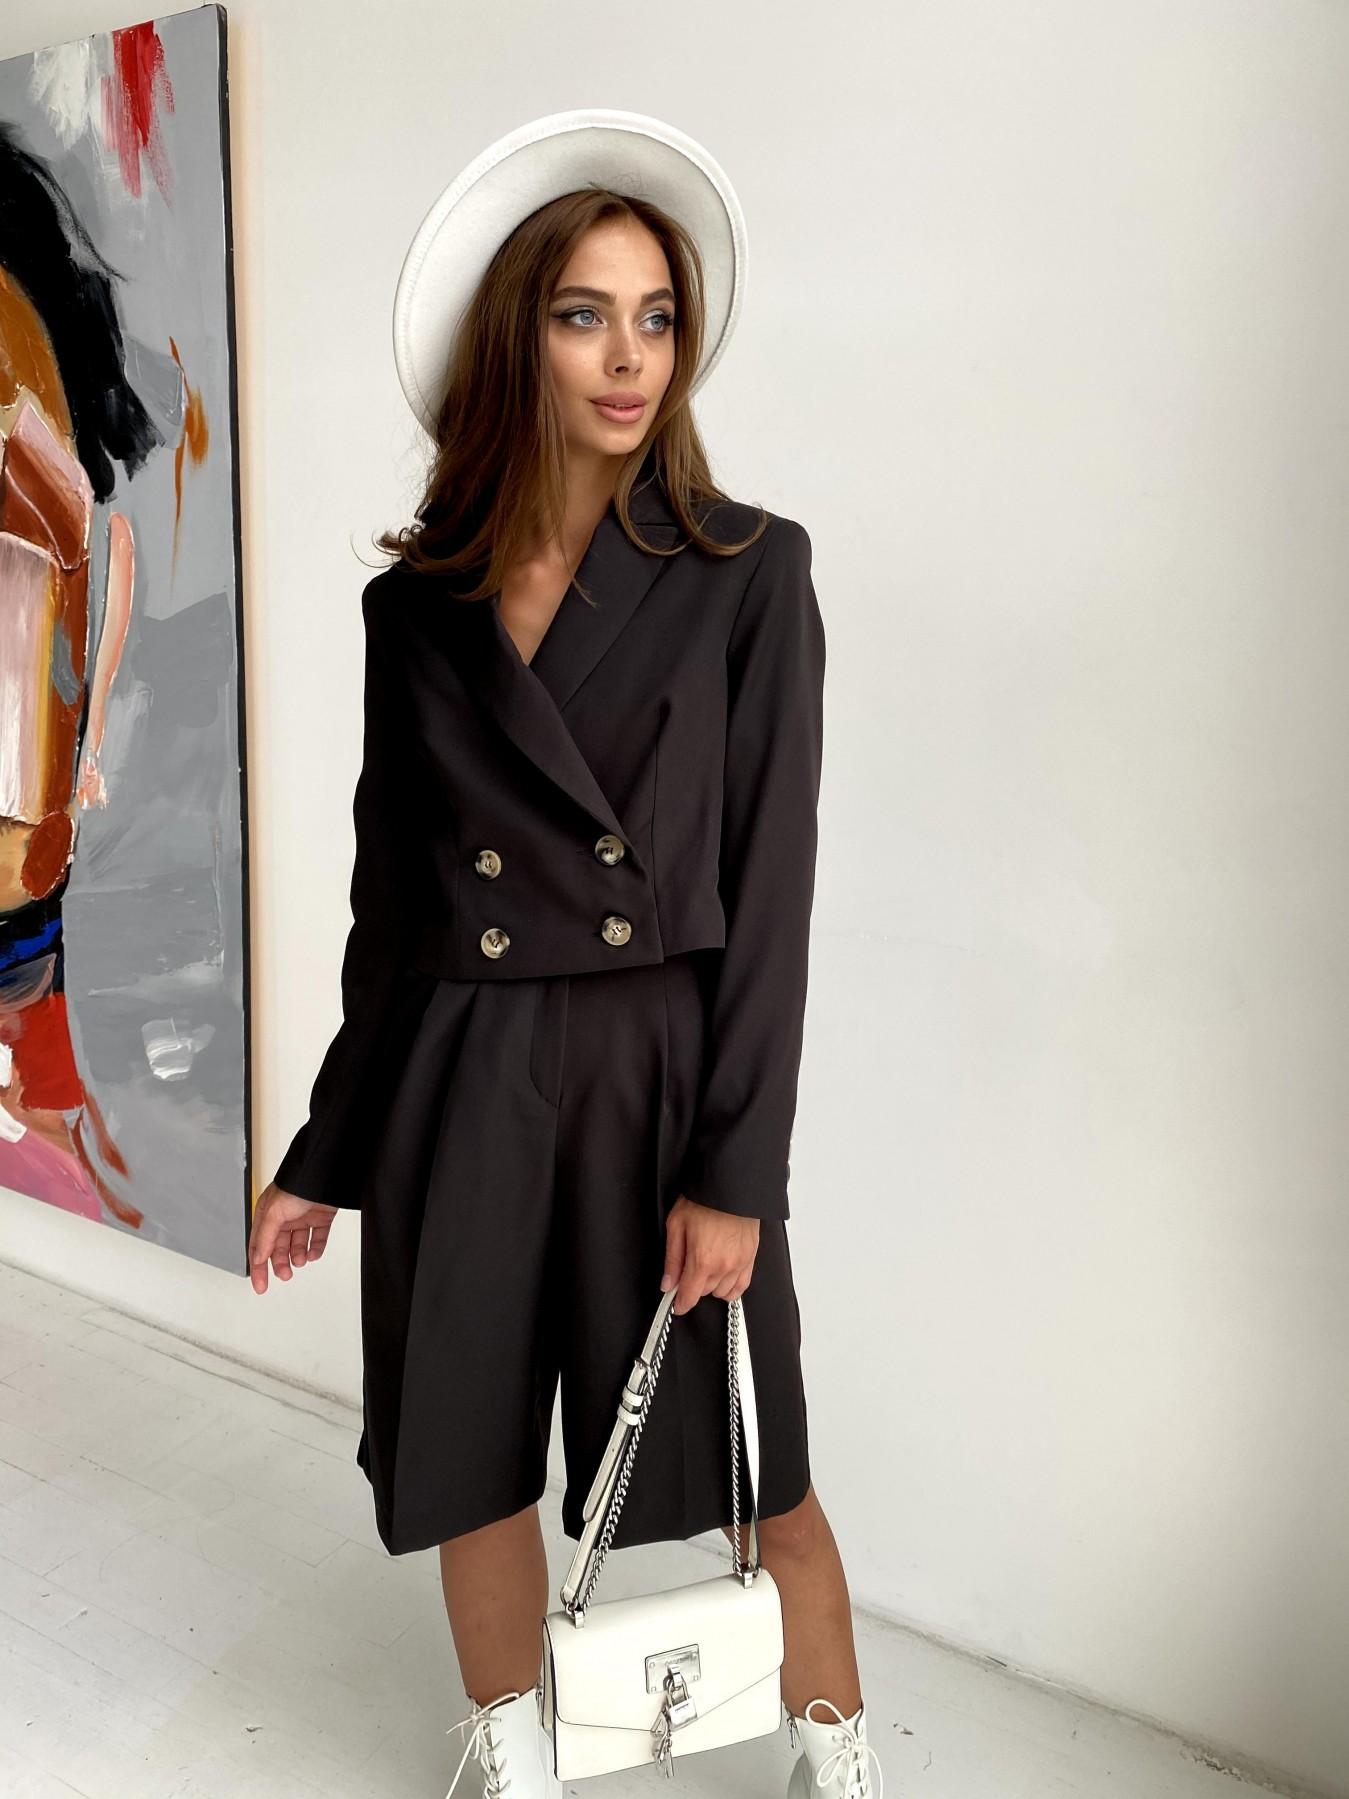 Оксфорд костюм из костюмной ткани стрейч 11548 АРТ. 48430 Цвет: Черный - фото 1, интернет магазин tm-modus.ru